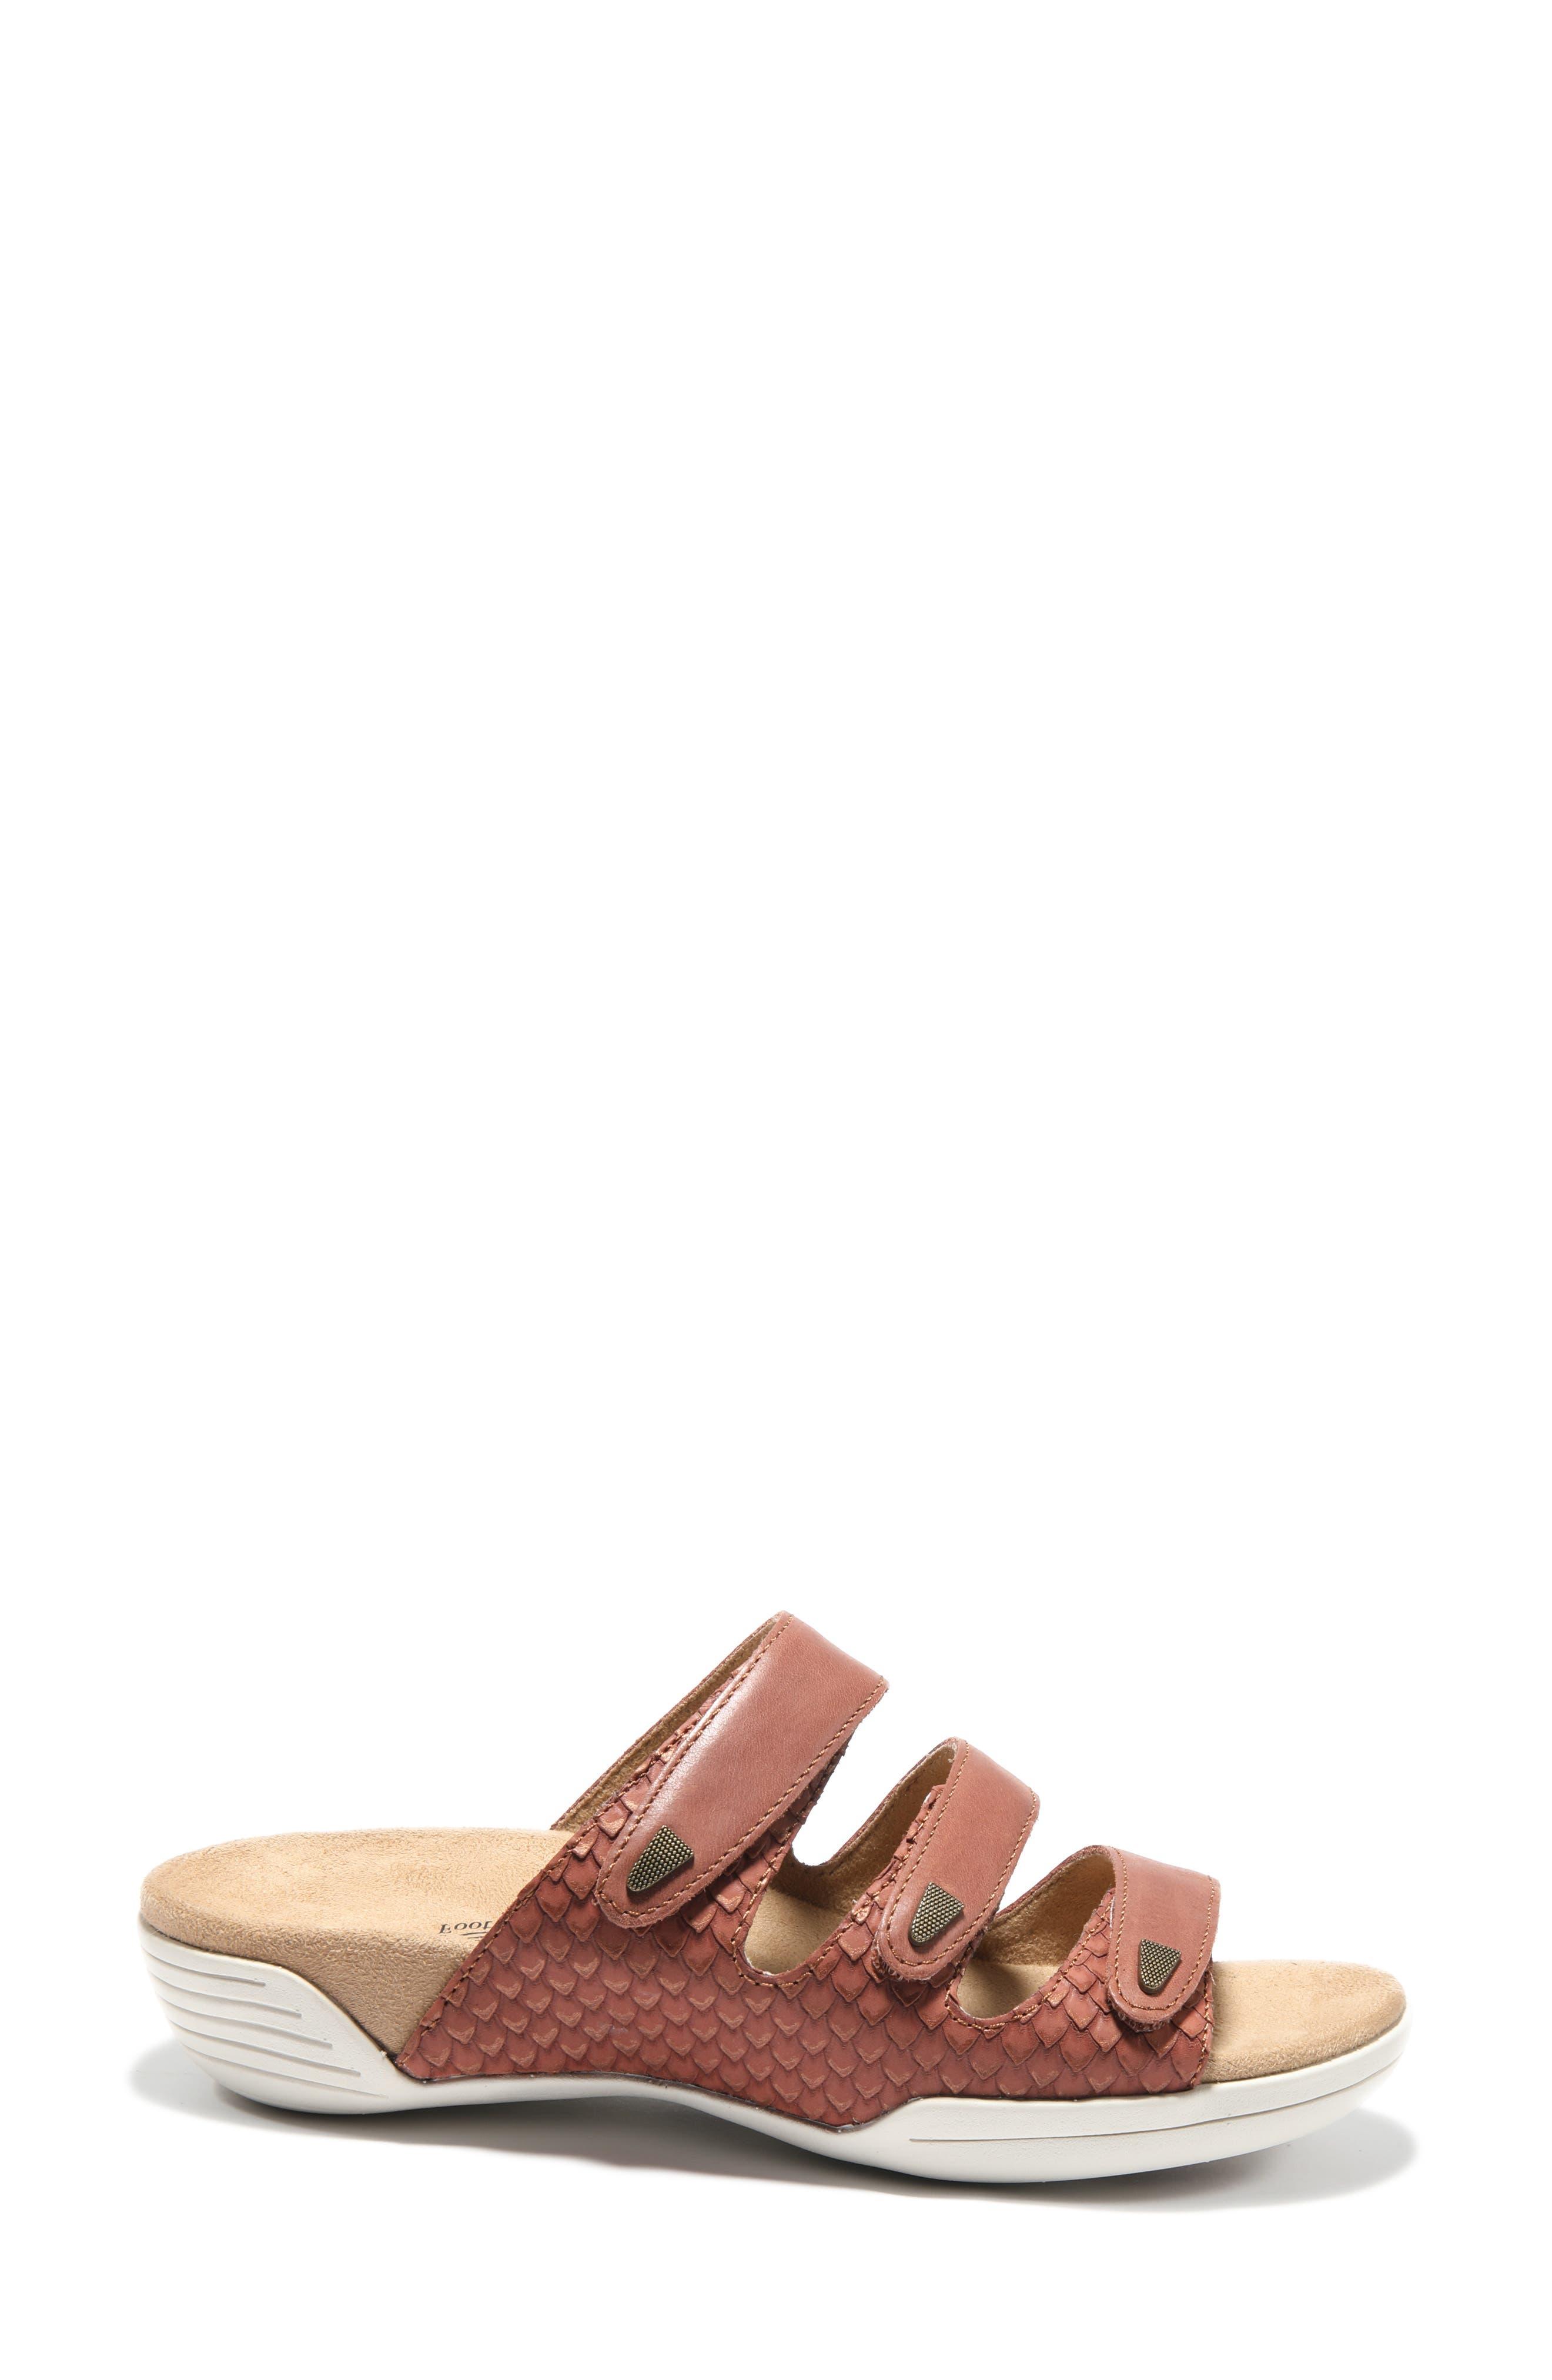 Women's Halsa Delight Strappy Slide Sandal